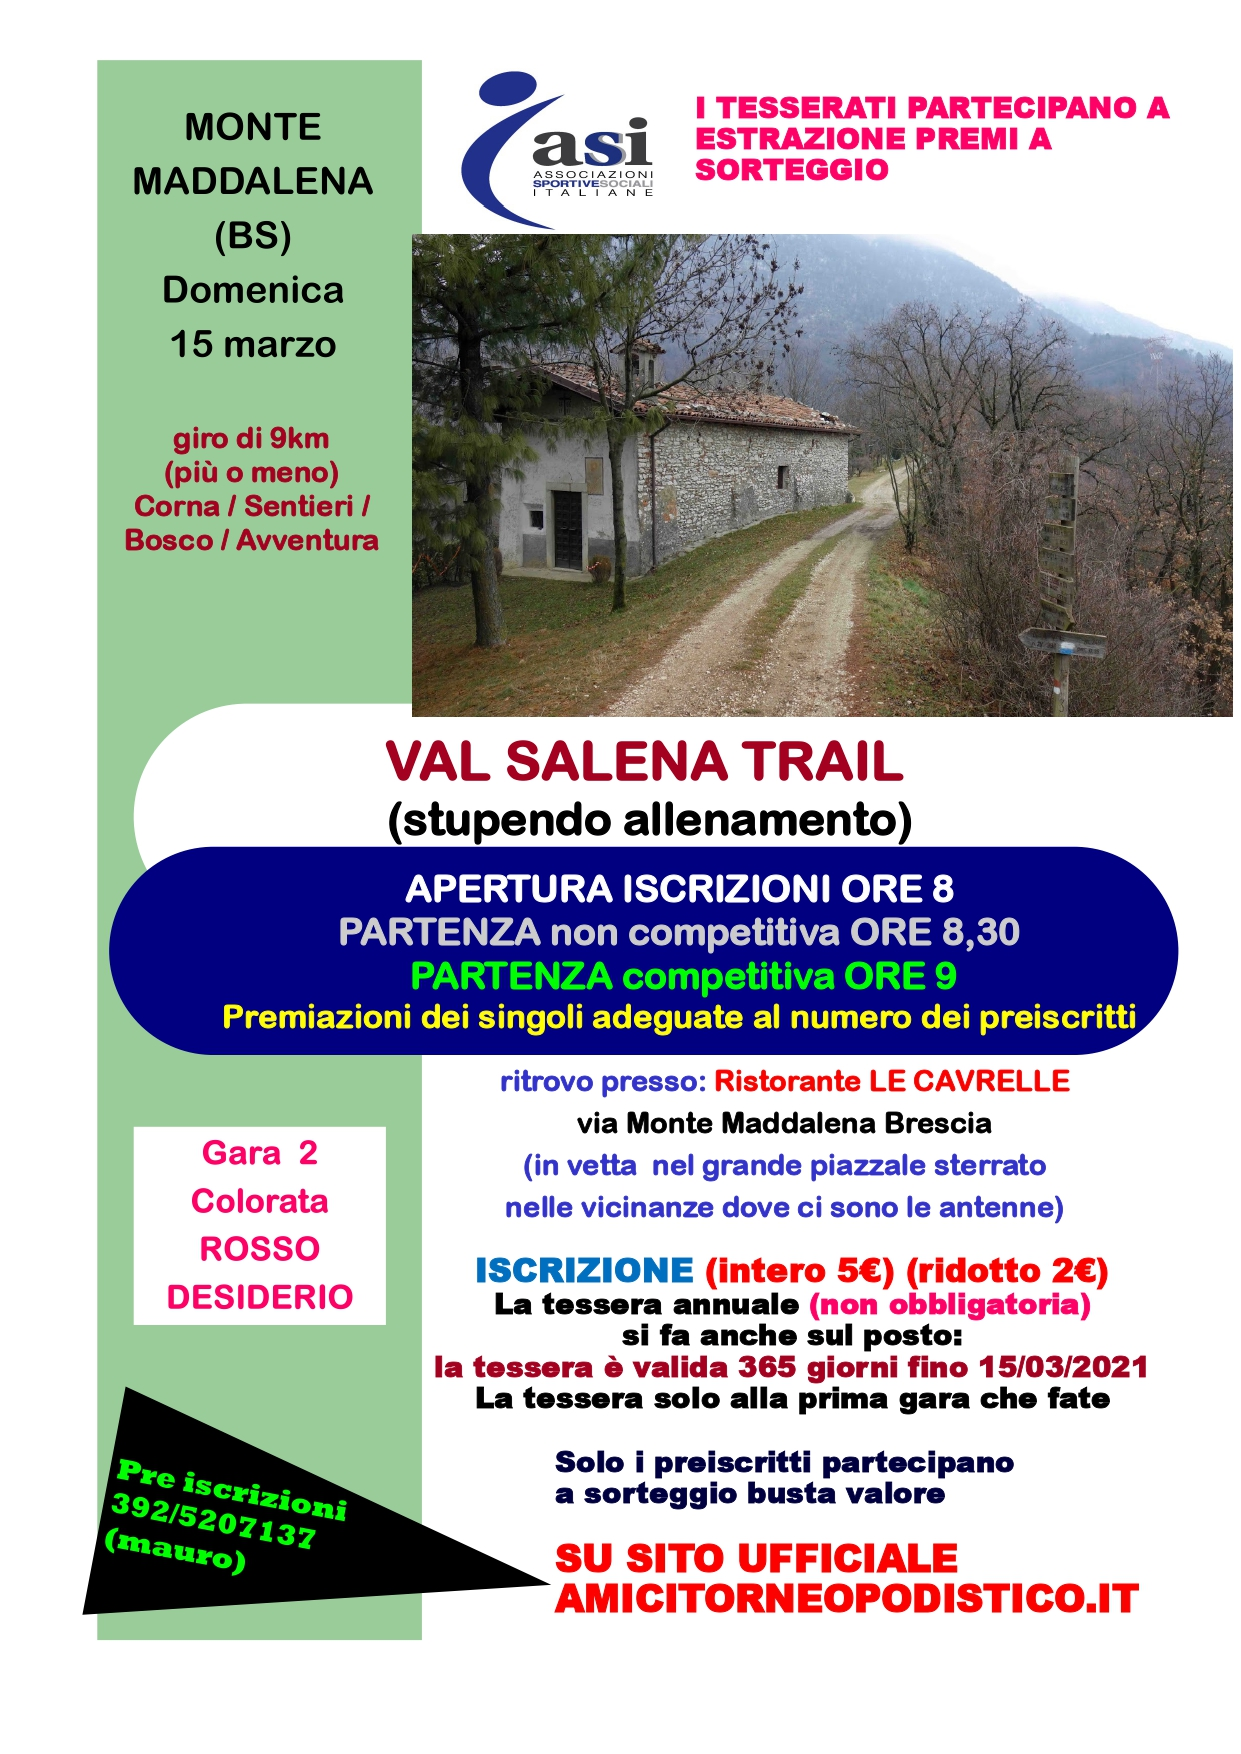 volantino gara 7 Val Sedena Trail Amici torneo podistico 2020